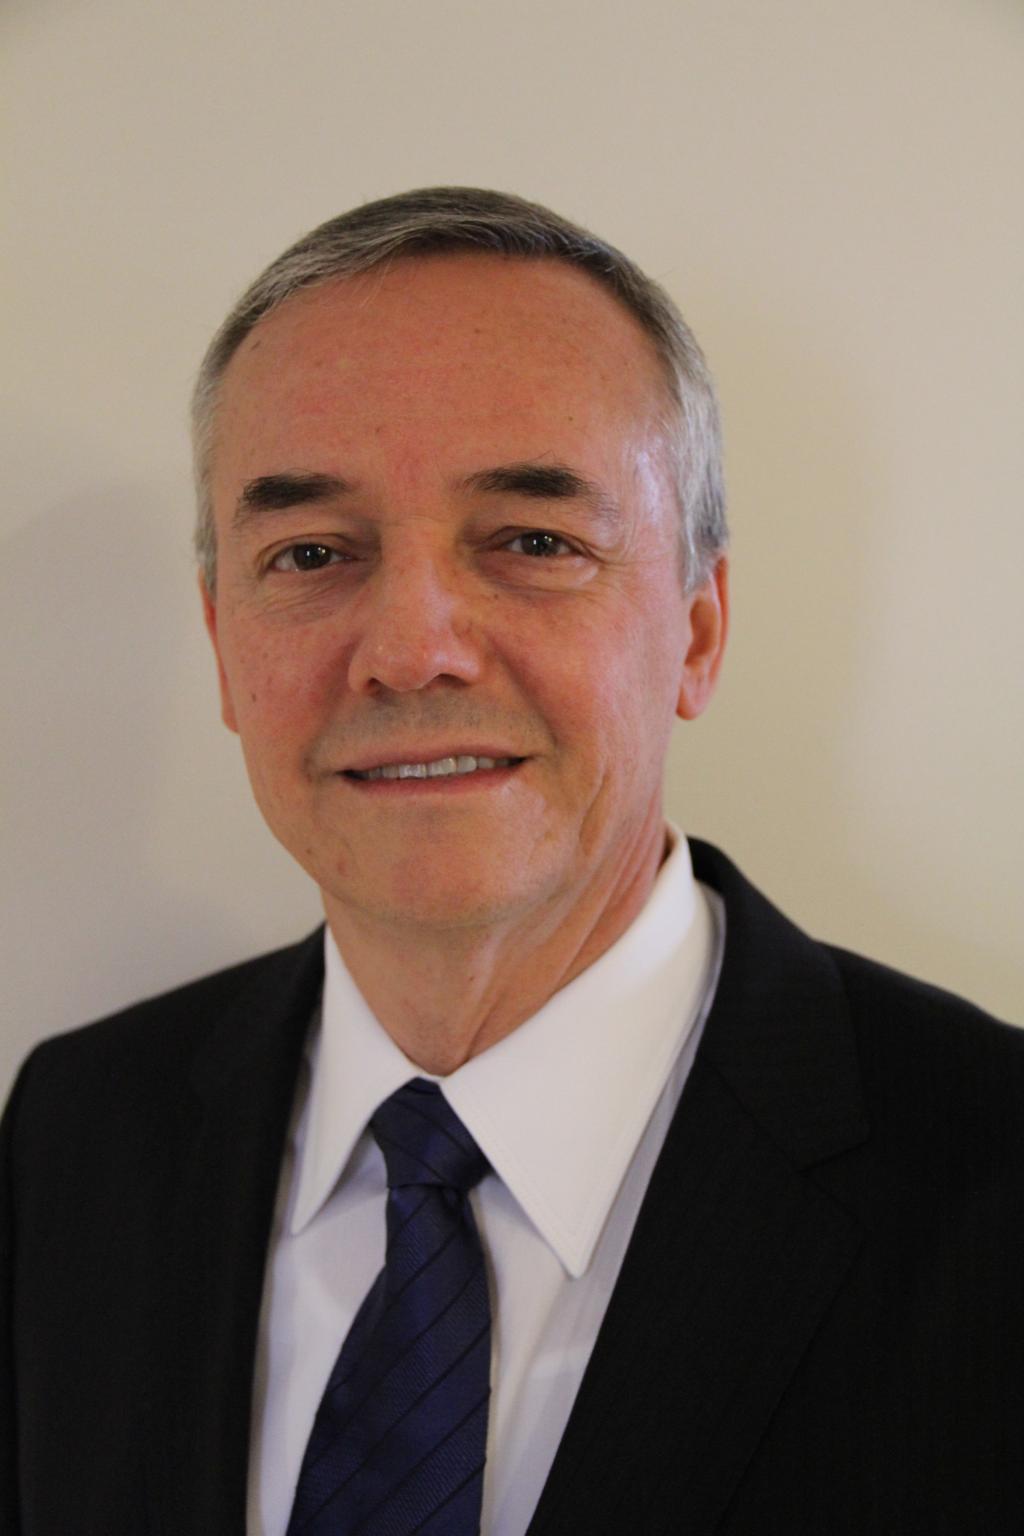 Luiz Antonio De Marchi